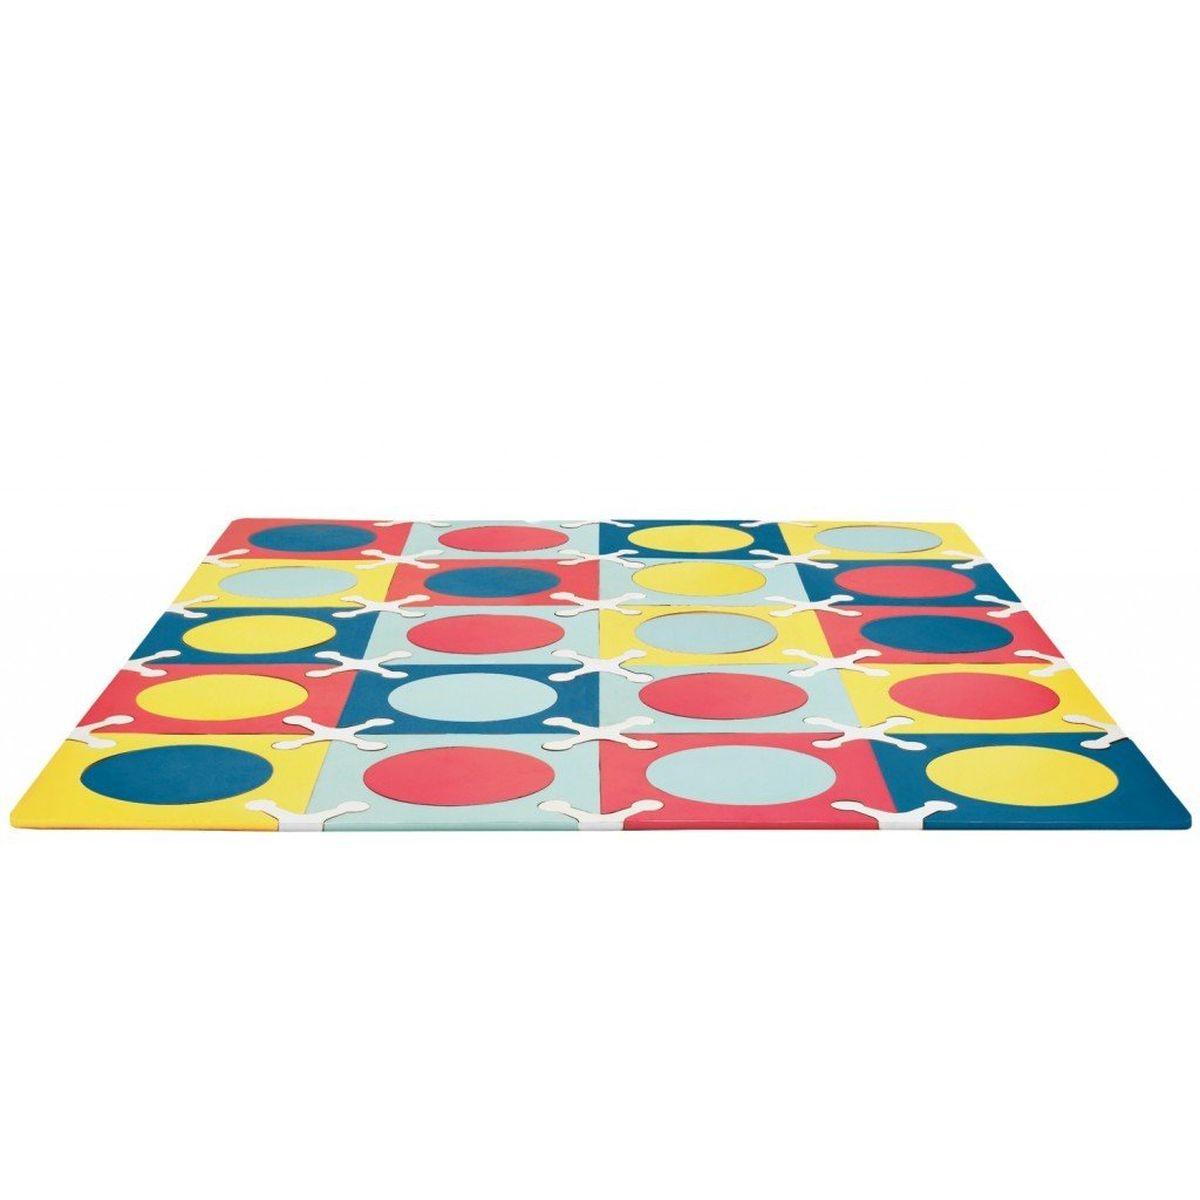 Playspot – это мягкий напольный коврик-пазл, предназначенный для создания безопасной и комфортной игровой зоны малыша и развития его творческих способностей. Собирайте. Играйте. Переставляйте. С помощью стимулирующих расцветок, различных вариантов сочетания цветов Playspot навсегда преобразит игровое пространство малыша, создавая яркую, безопасную и комфортную поверхность для игр.